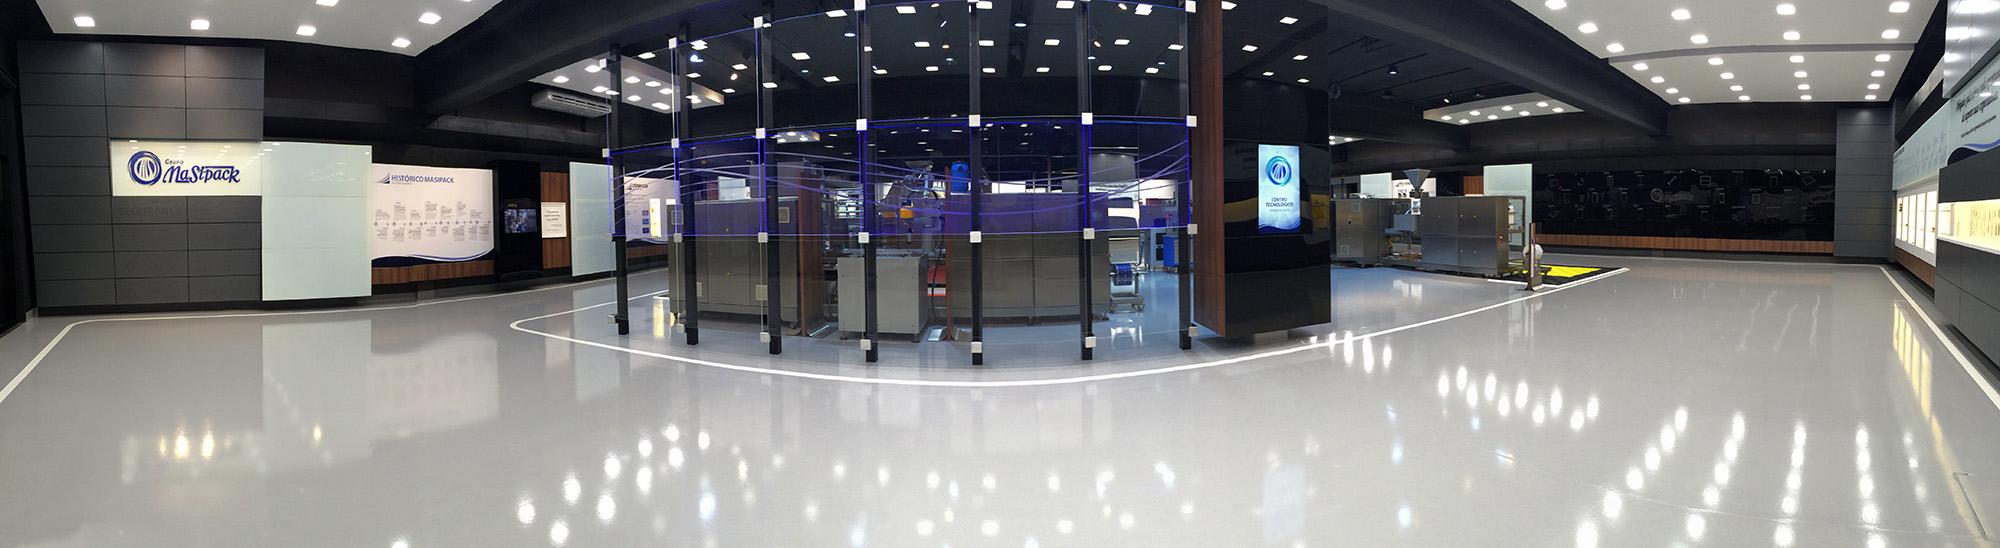 Showroom - panoramic